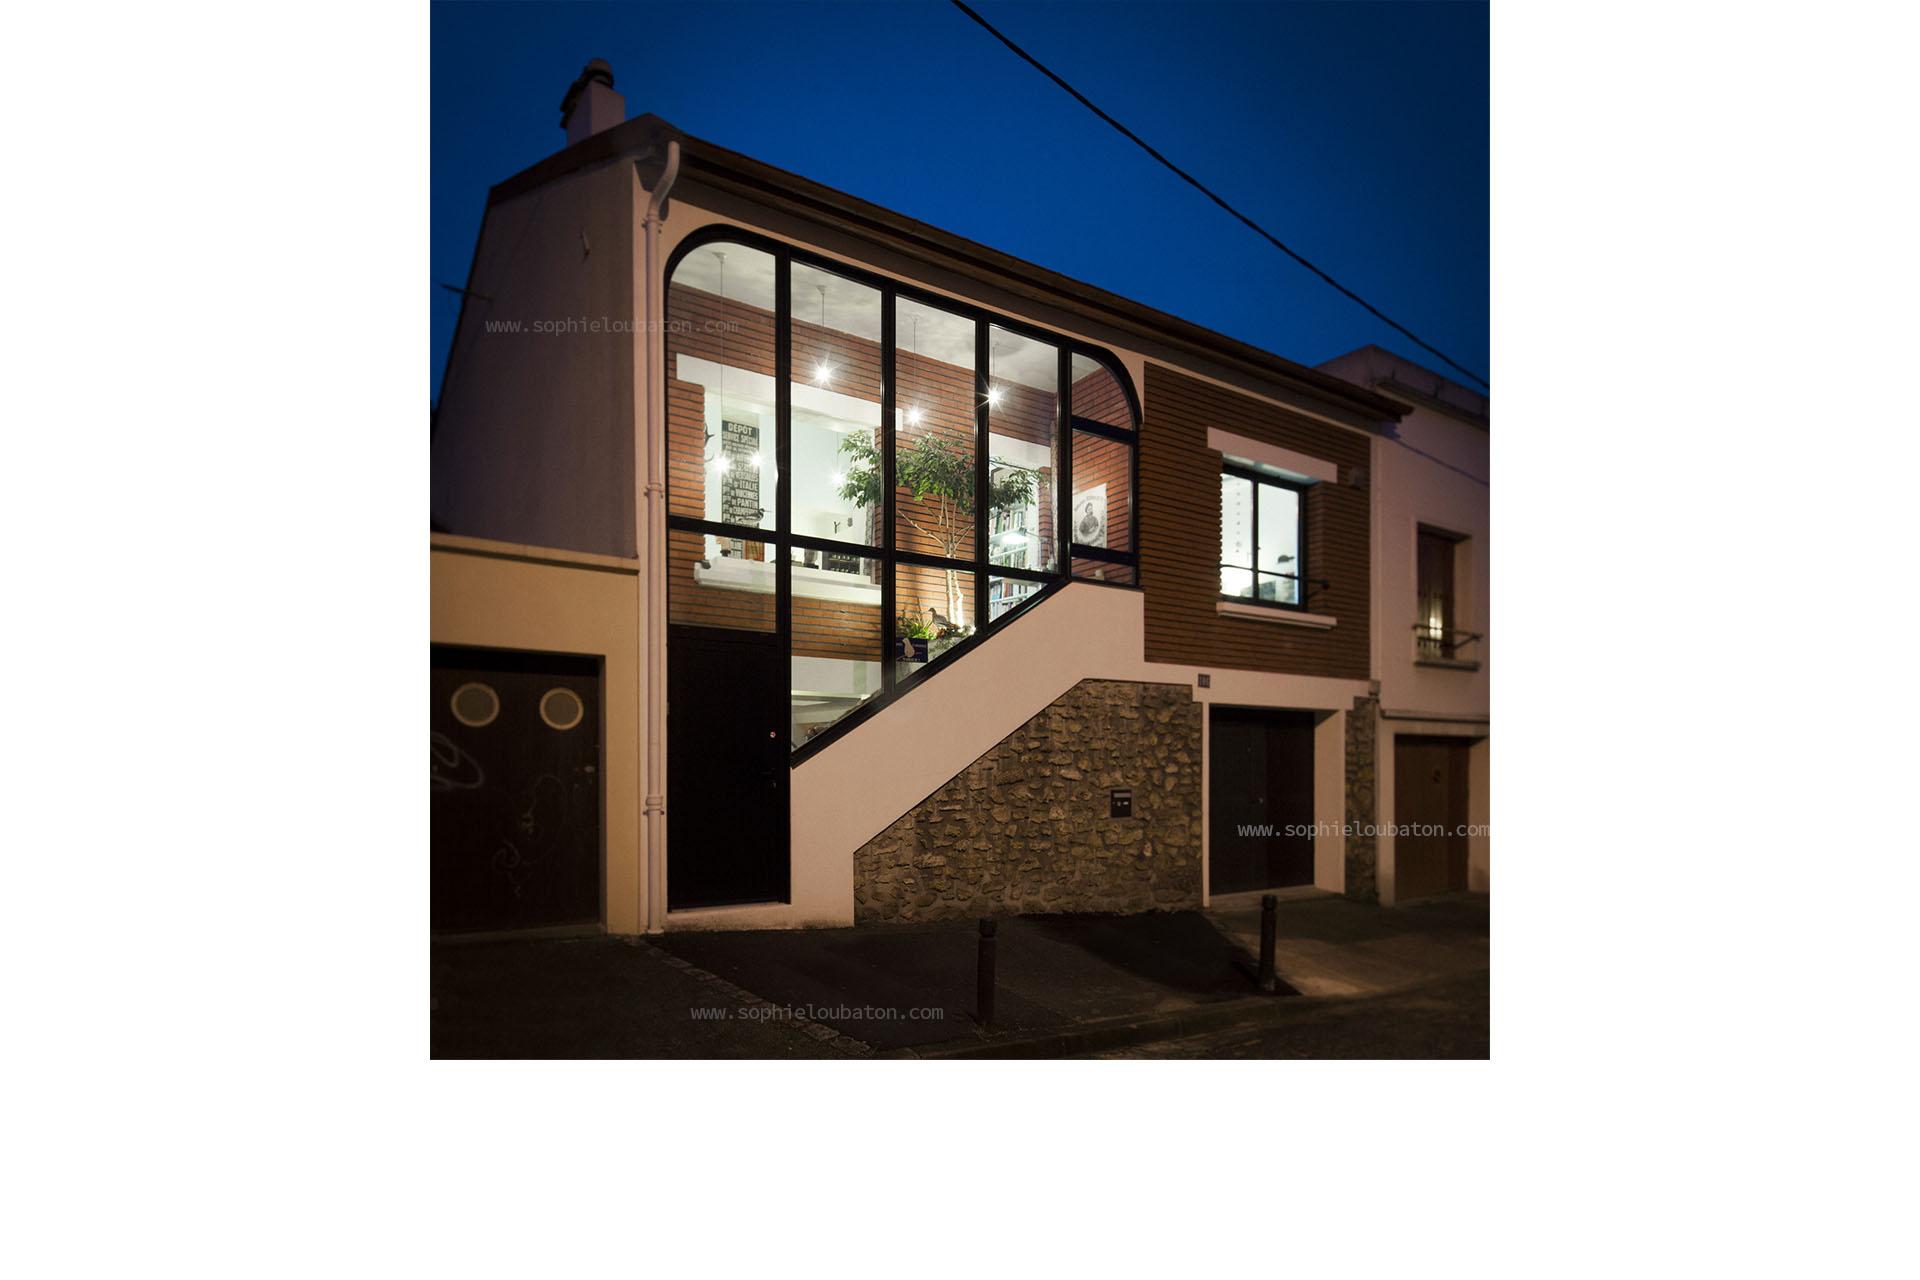 verriere terrasse fabulous verriere toit terrasse vie suite verriere pour toit terrasse. Black Bedroom Furniture Sets. Home Design Ideas